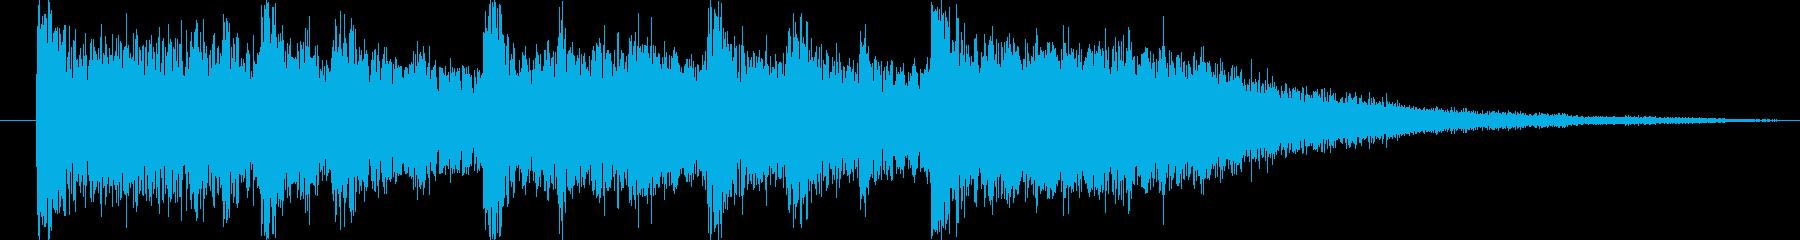 場面転換ジングル2秒の再生済みの波形